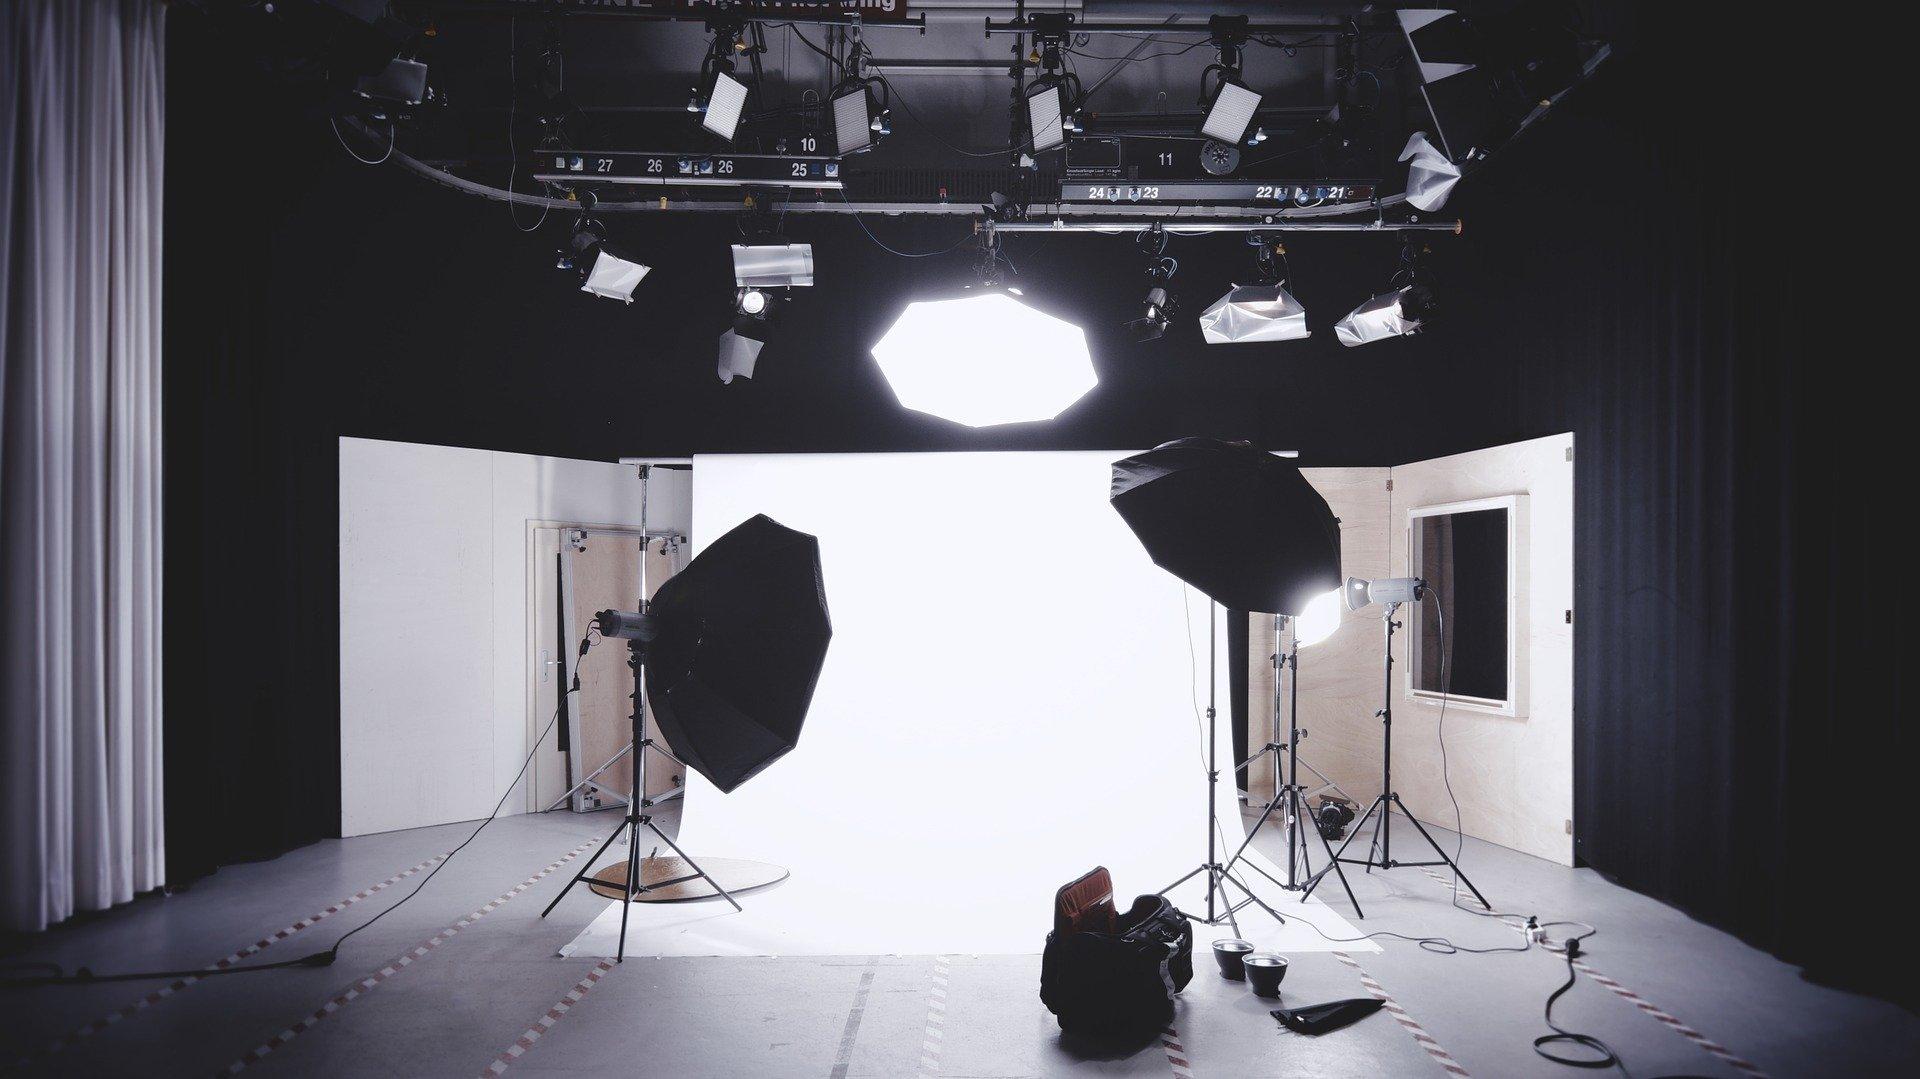 【動画で解説】手軽にハイクオリティ!動画制作は撮影スタジオで